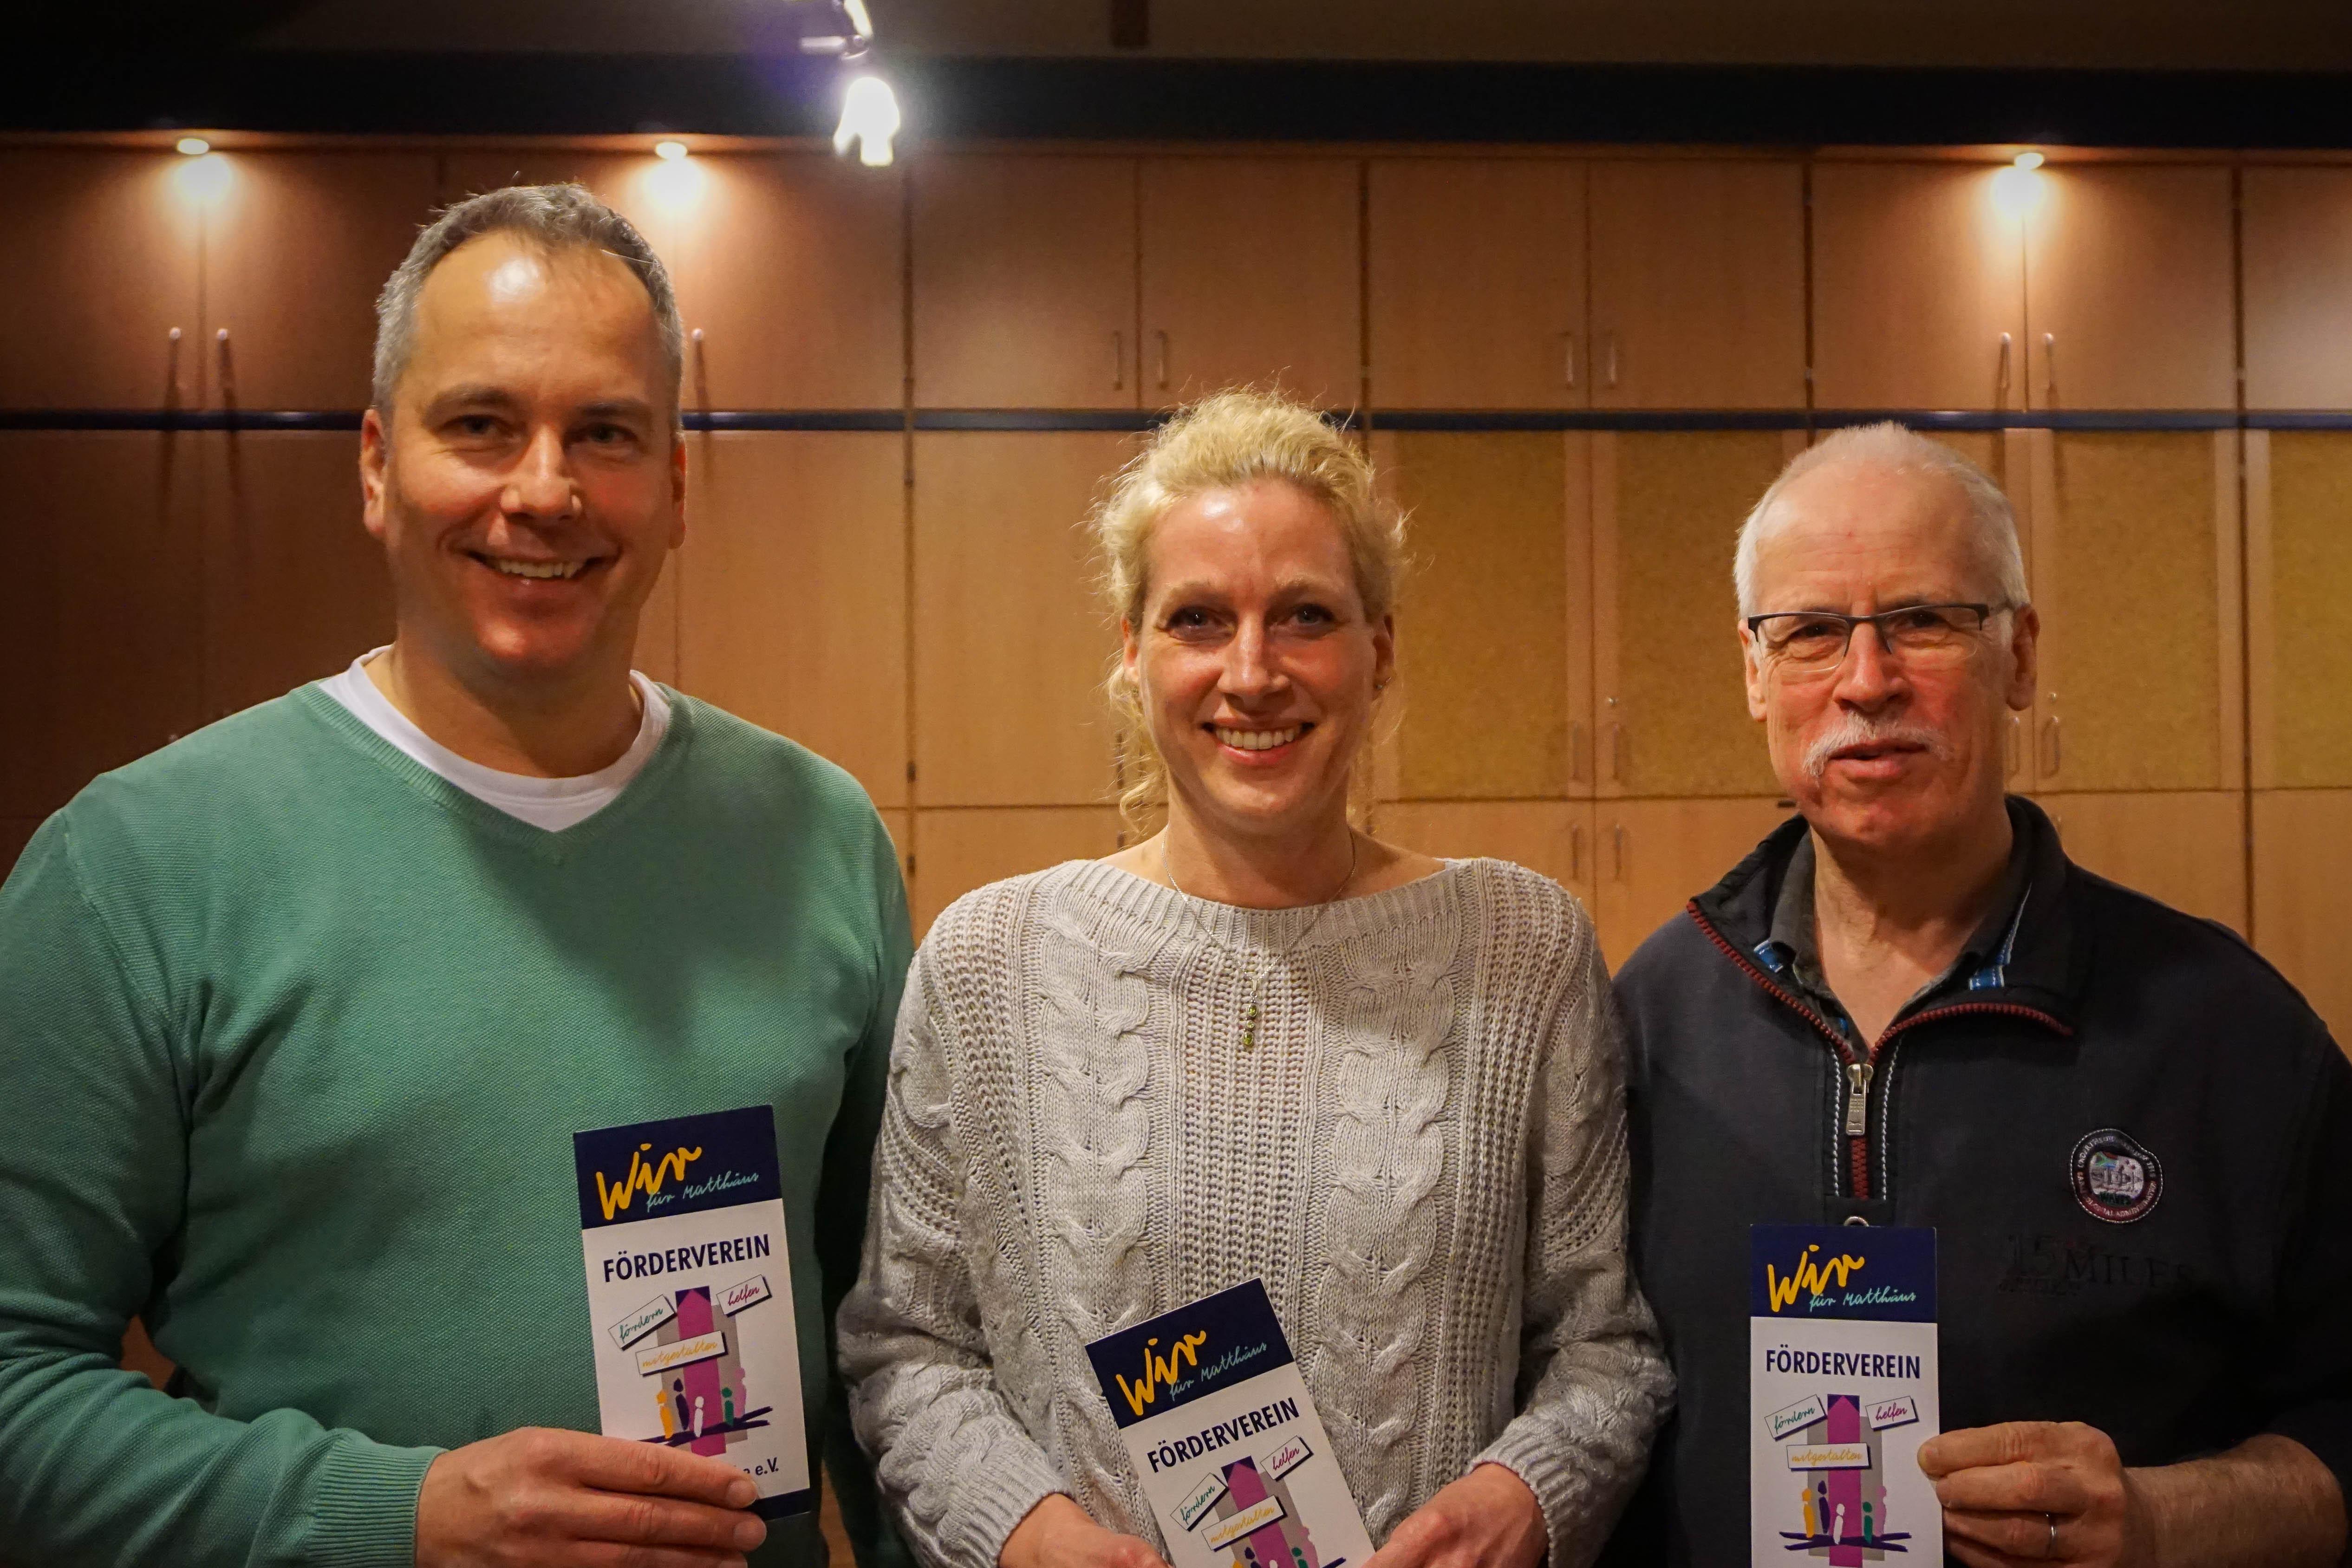 Vorstand Förderverein Matthäuskirche e.V., v.l.: Stefan Goedsche (Vorsitzender), Astrid Schreck (Schriftführerin), Dr. Rainer Beez (Schatzmeister).